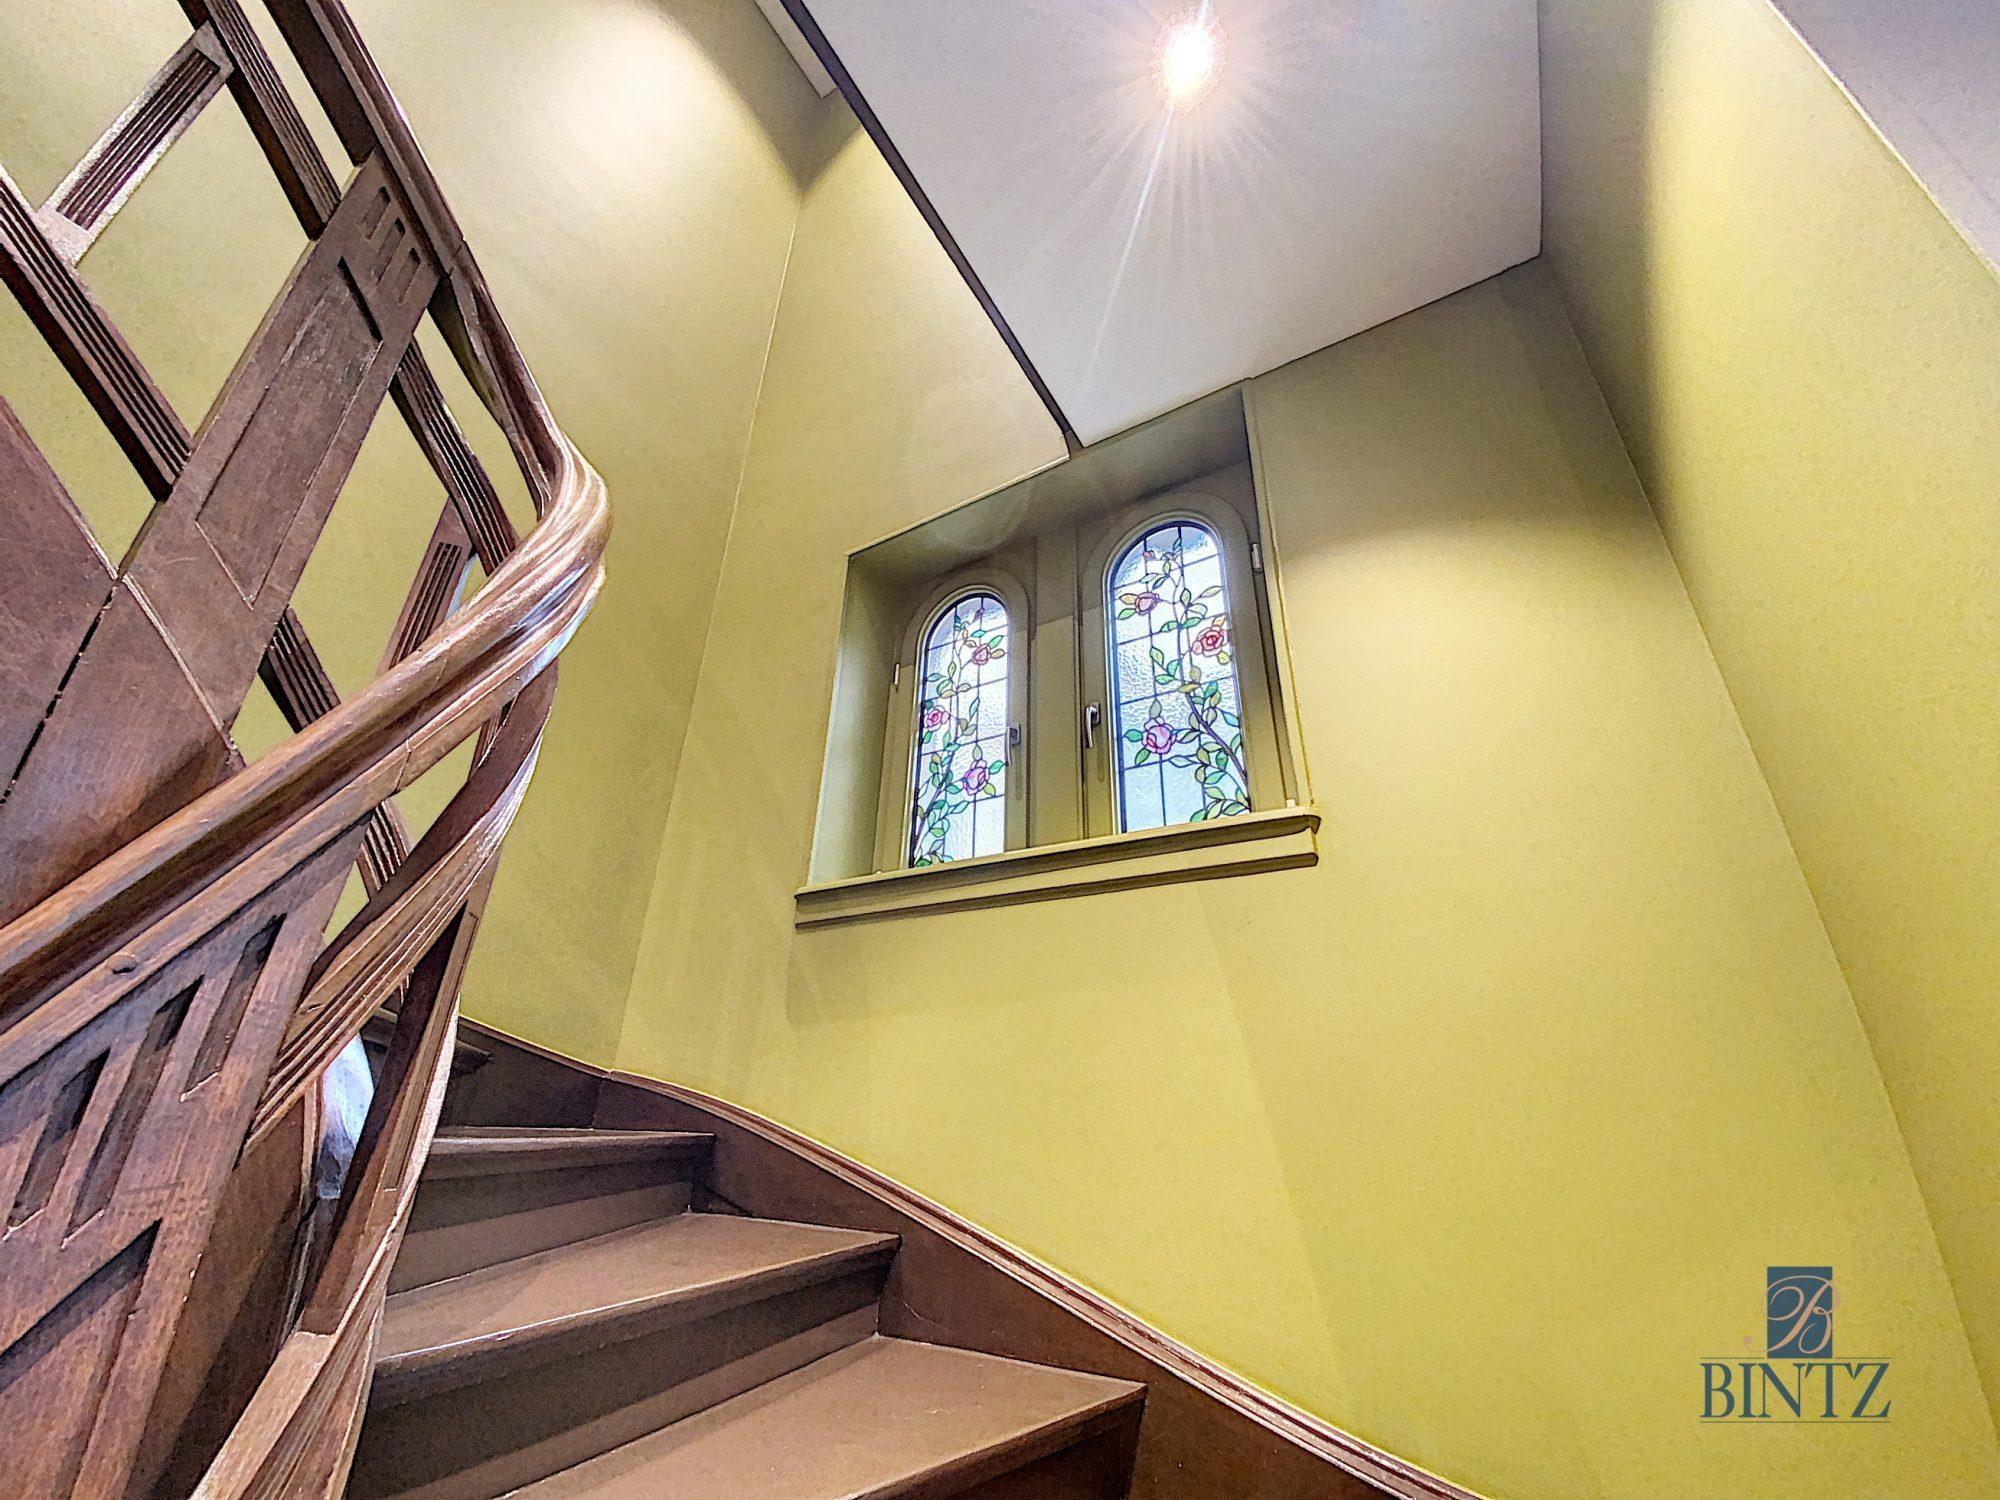 MAGNIFIQUE HOTEL PARTICULIER À STRASBOURG - Devenez propriétaire en toute confiance - Bintz Immobilier - 9